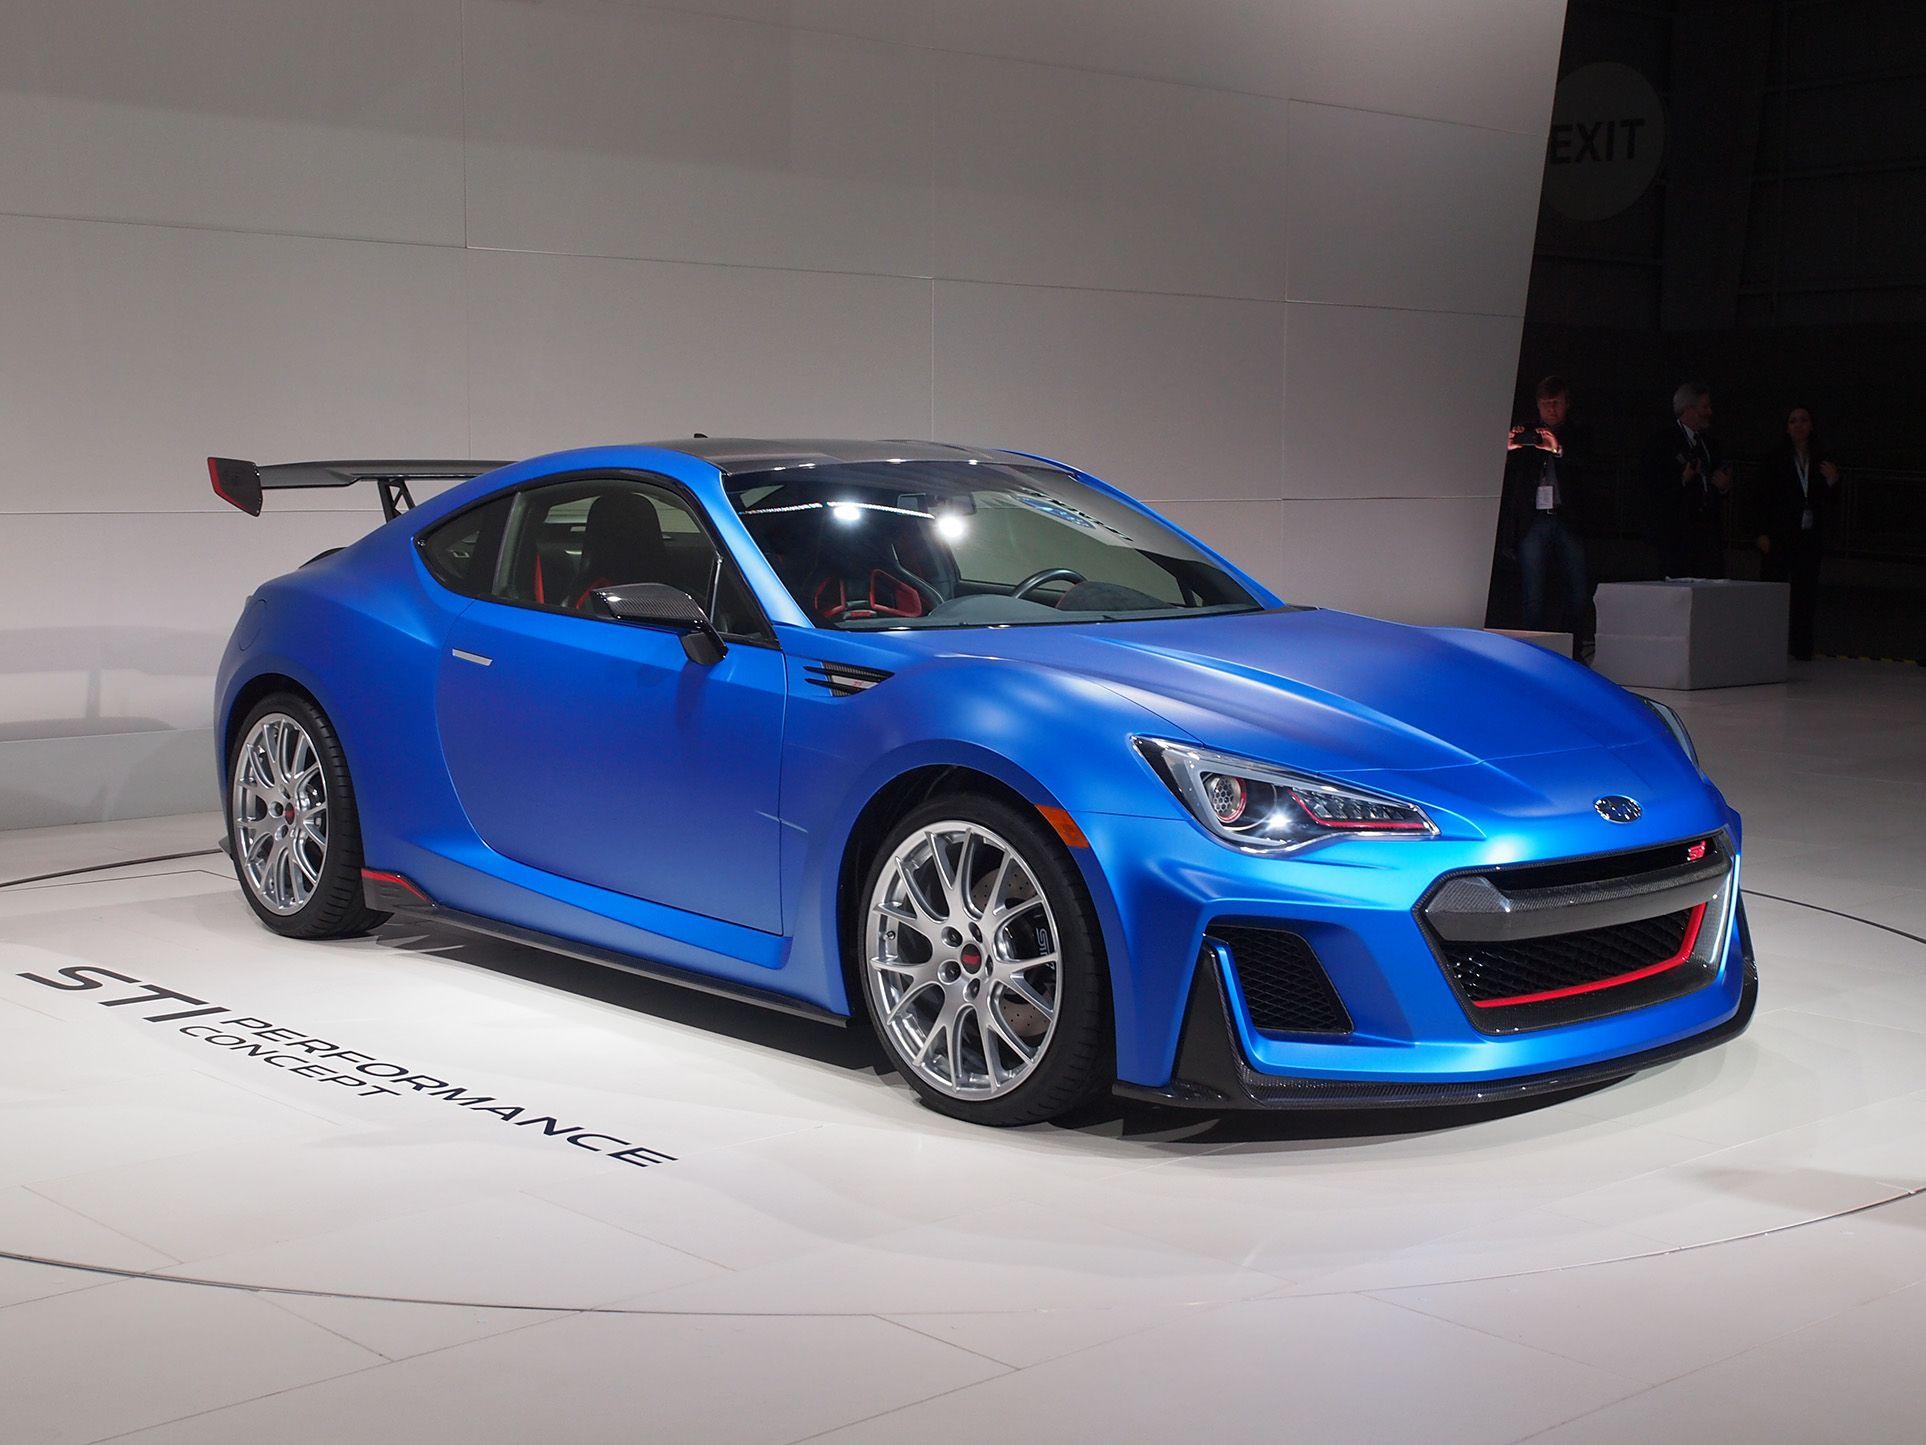 Subaru STI Performance Concept | Subaru brz sti, Subaru ...